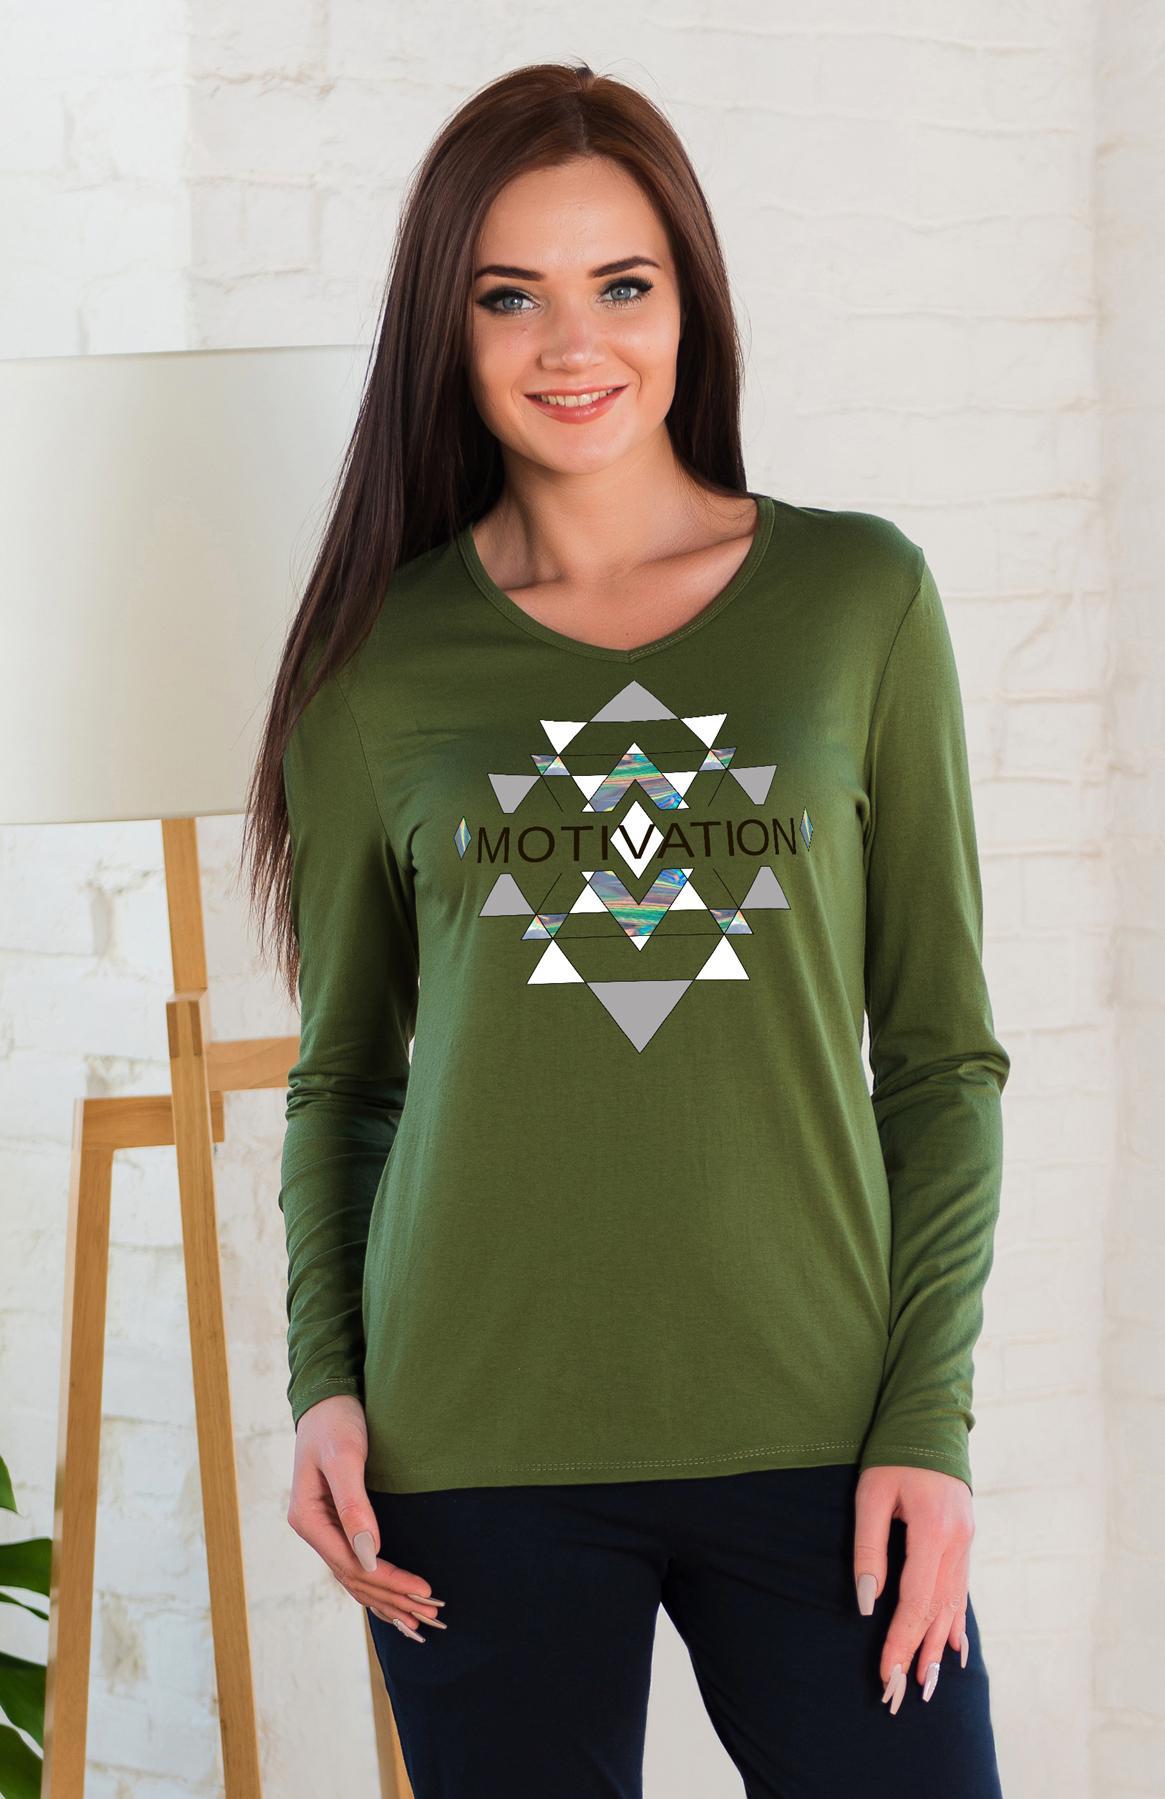 Жен. блуза арт. 19-0261 оливковый р.